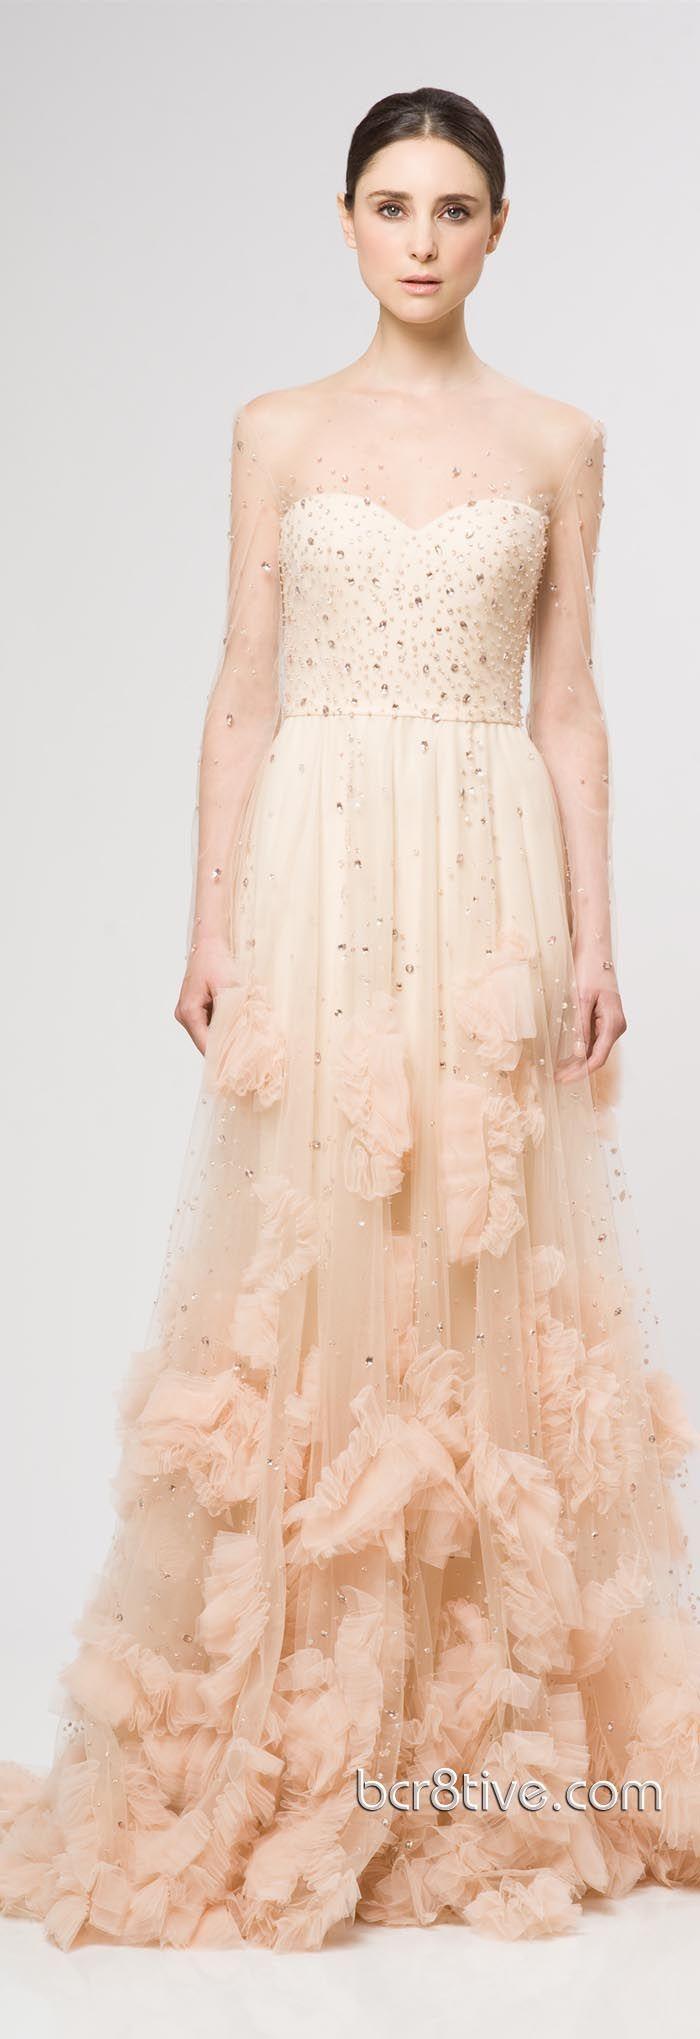 Reem Acra Ready To Wear Resort 2013 | Hochzeitskleider